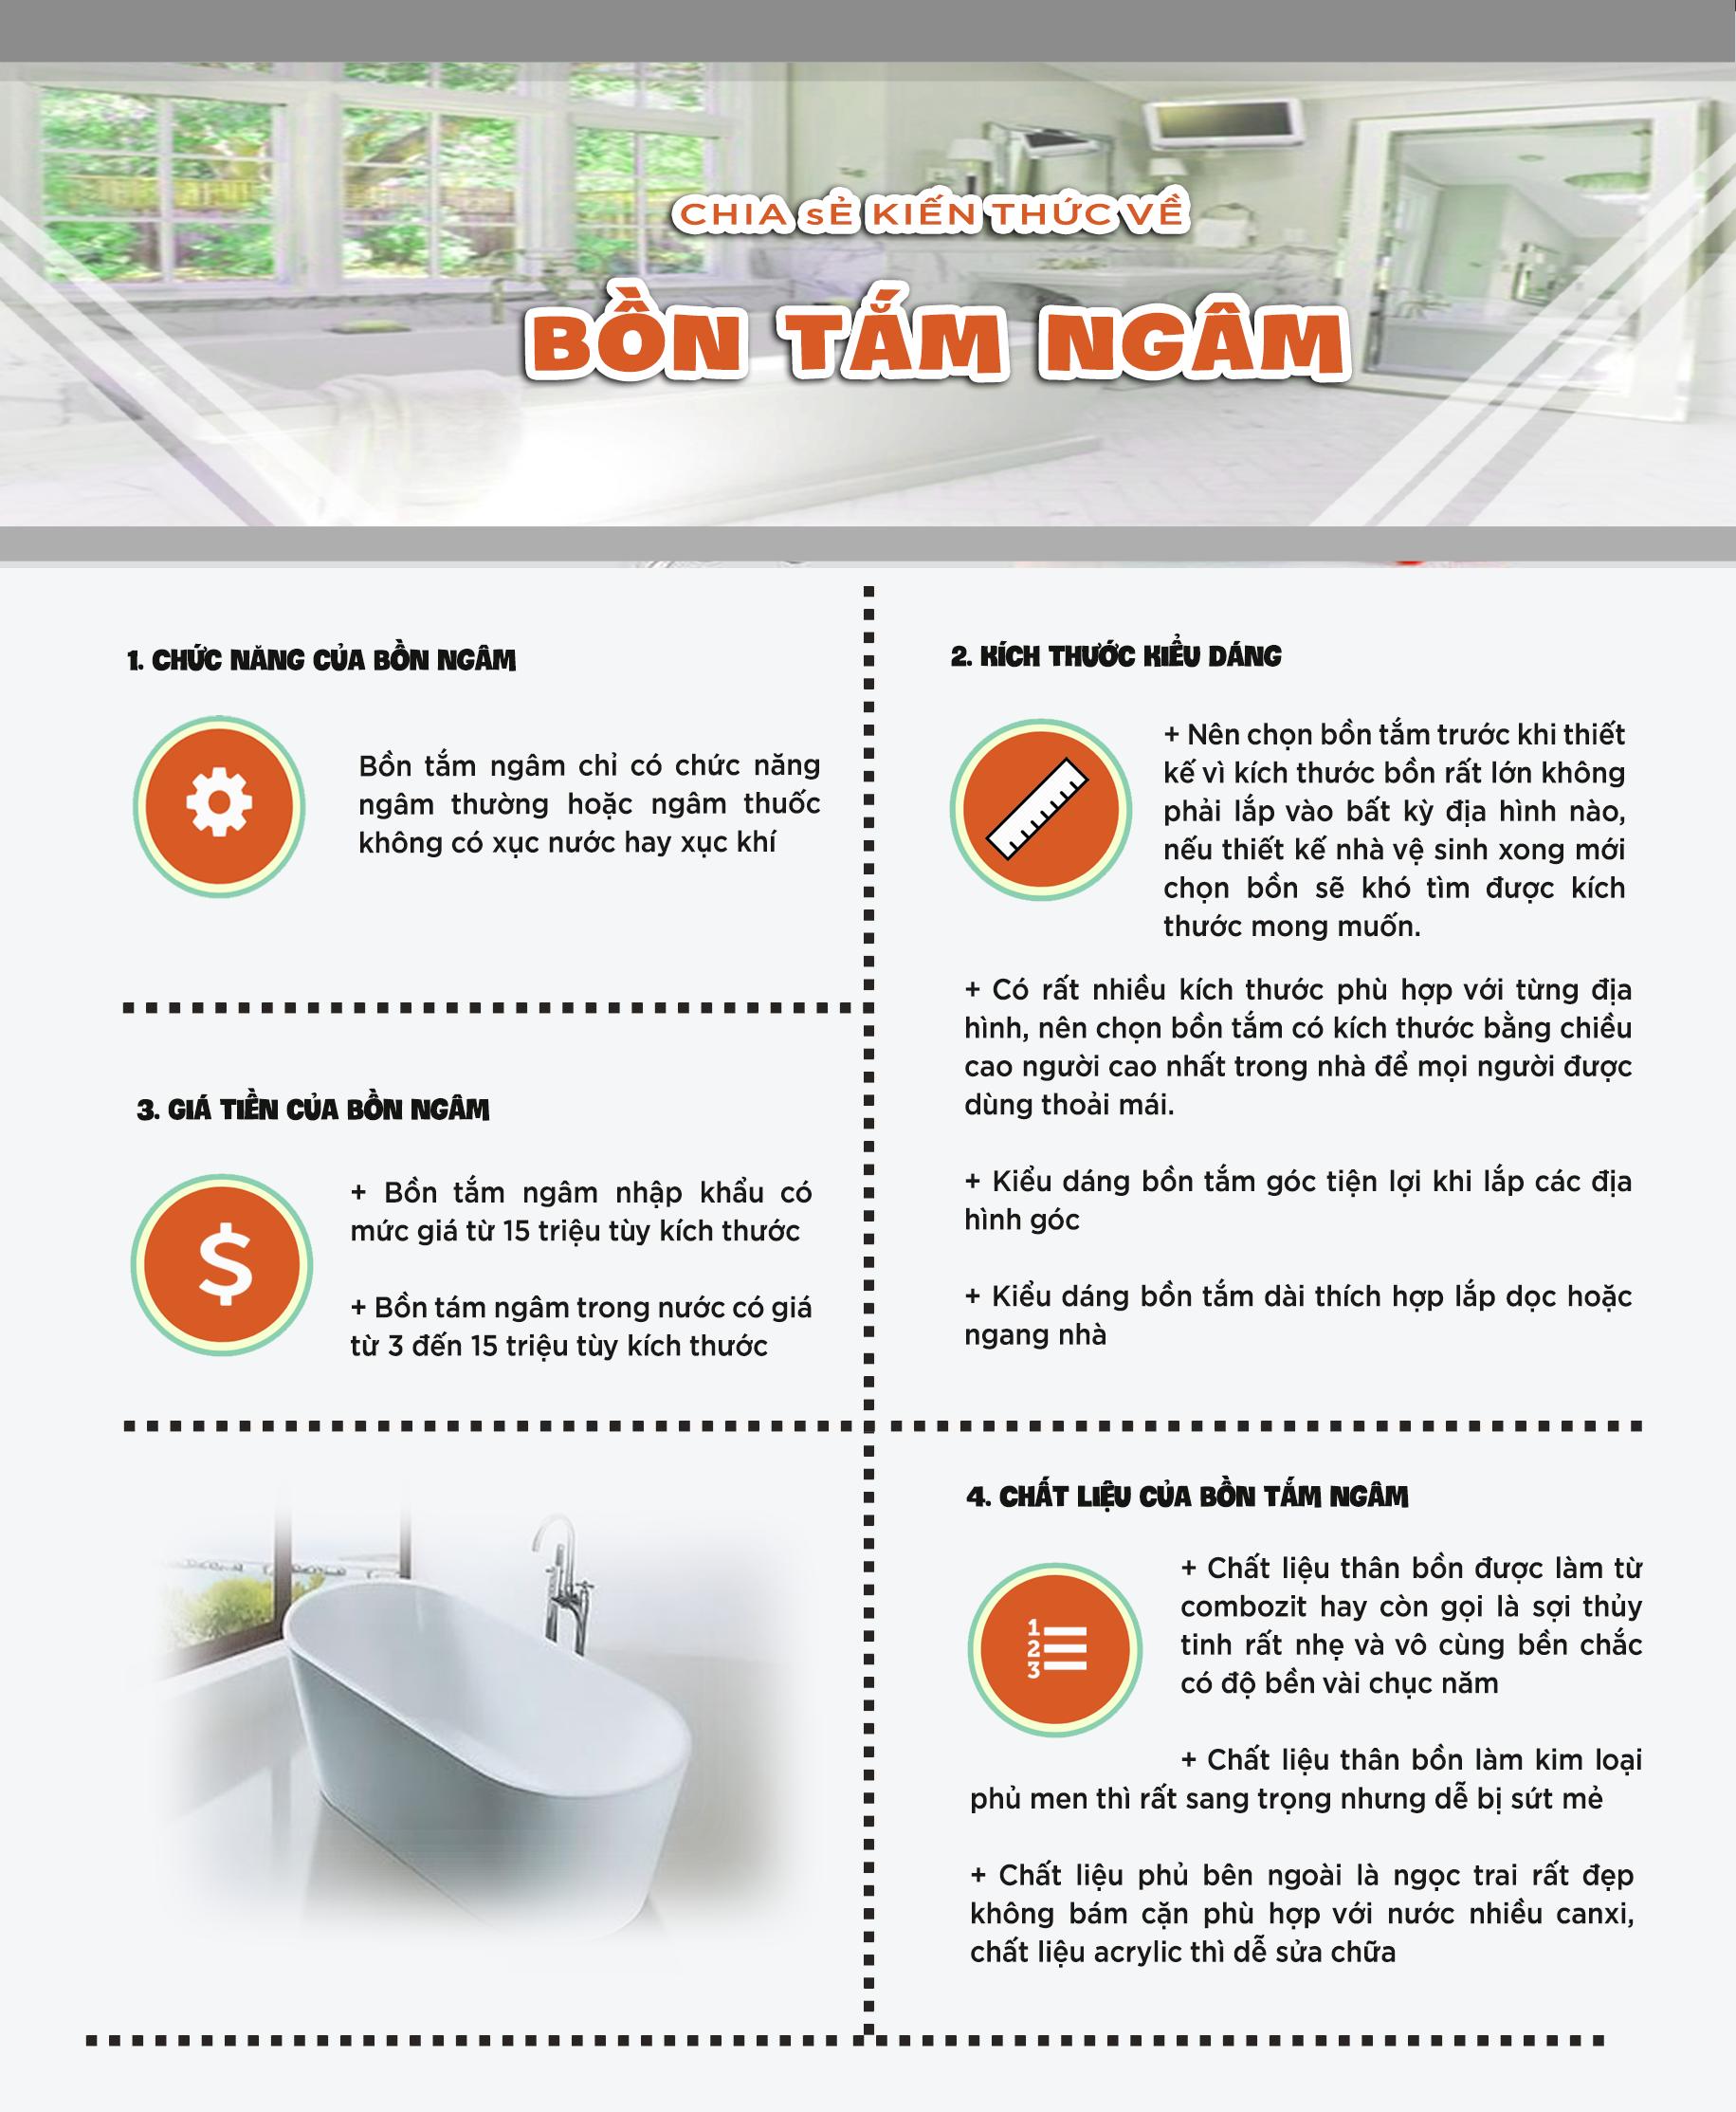 Chia sẻ kiến thức về bồn tắm ngâm pc